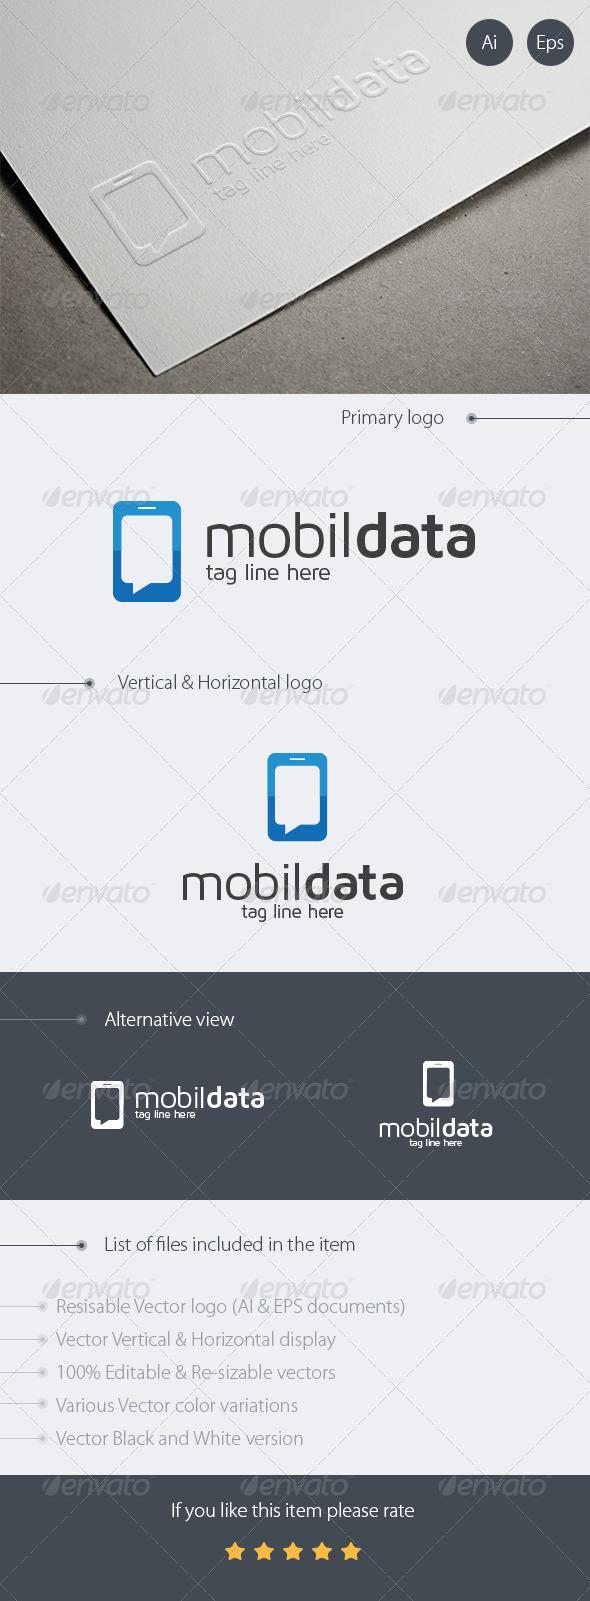 Mobile Data Logo Design